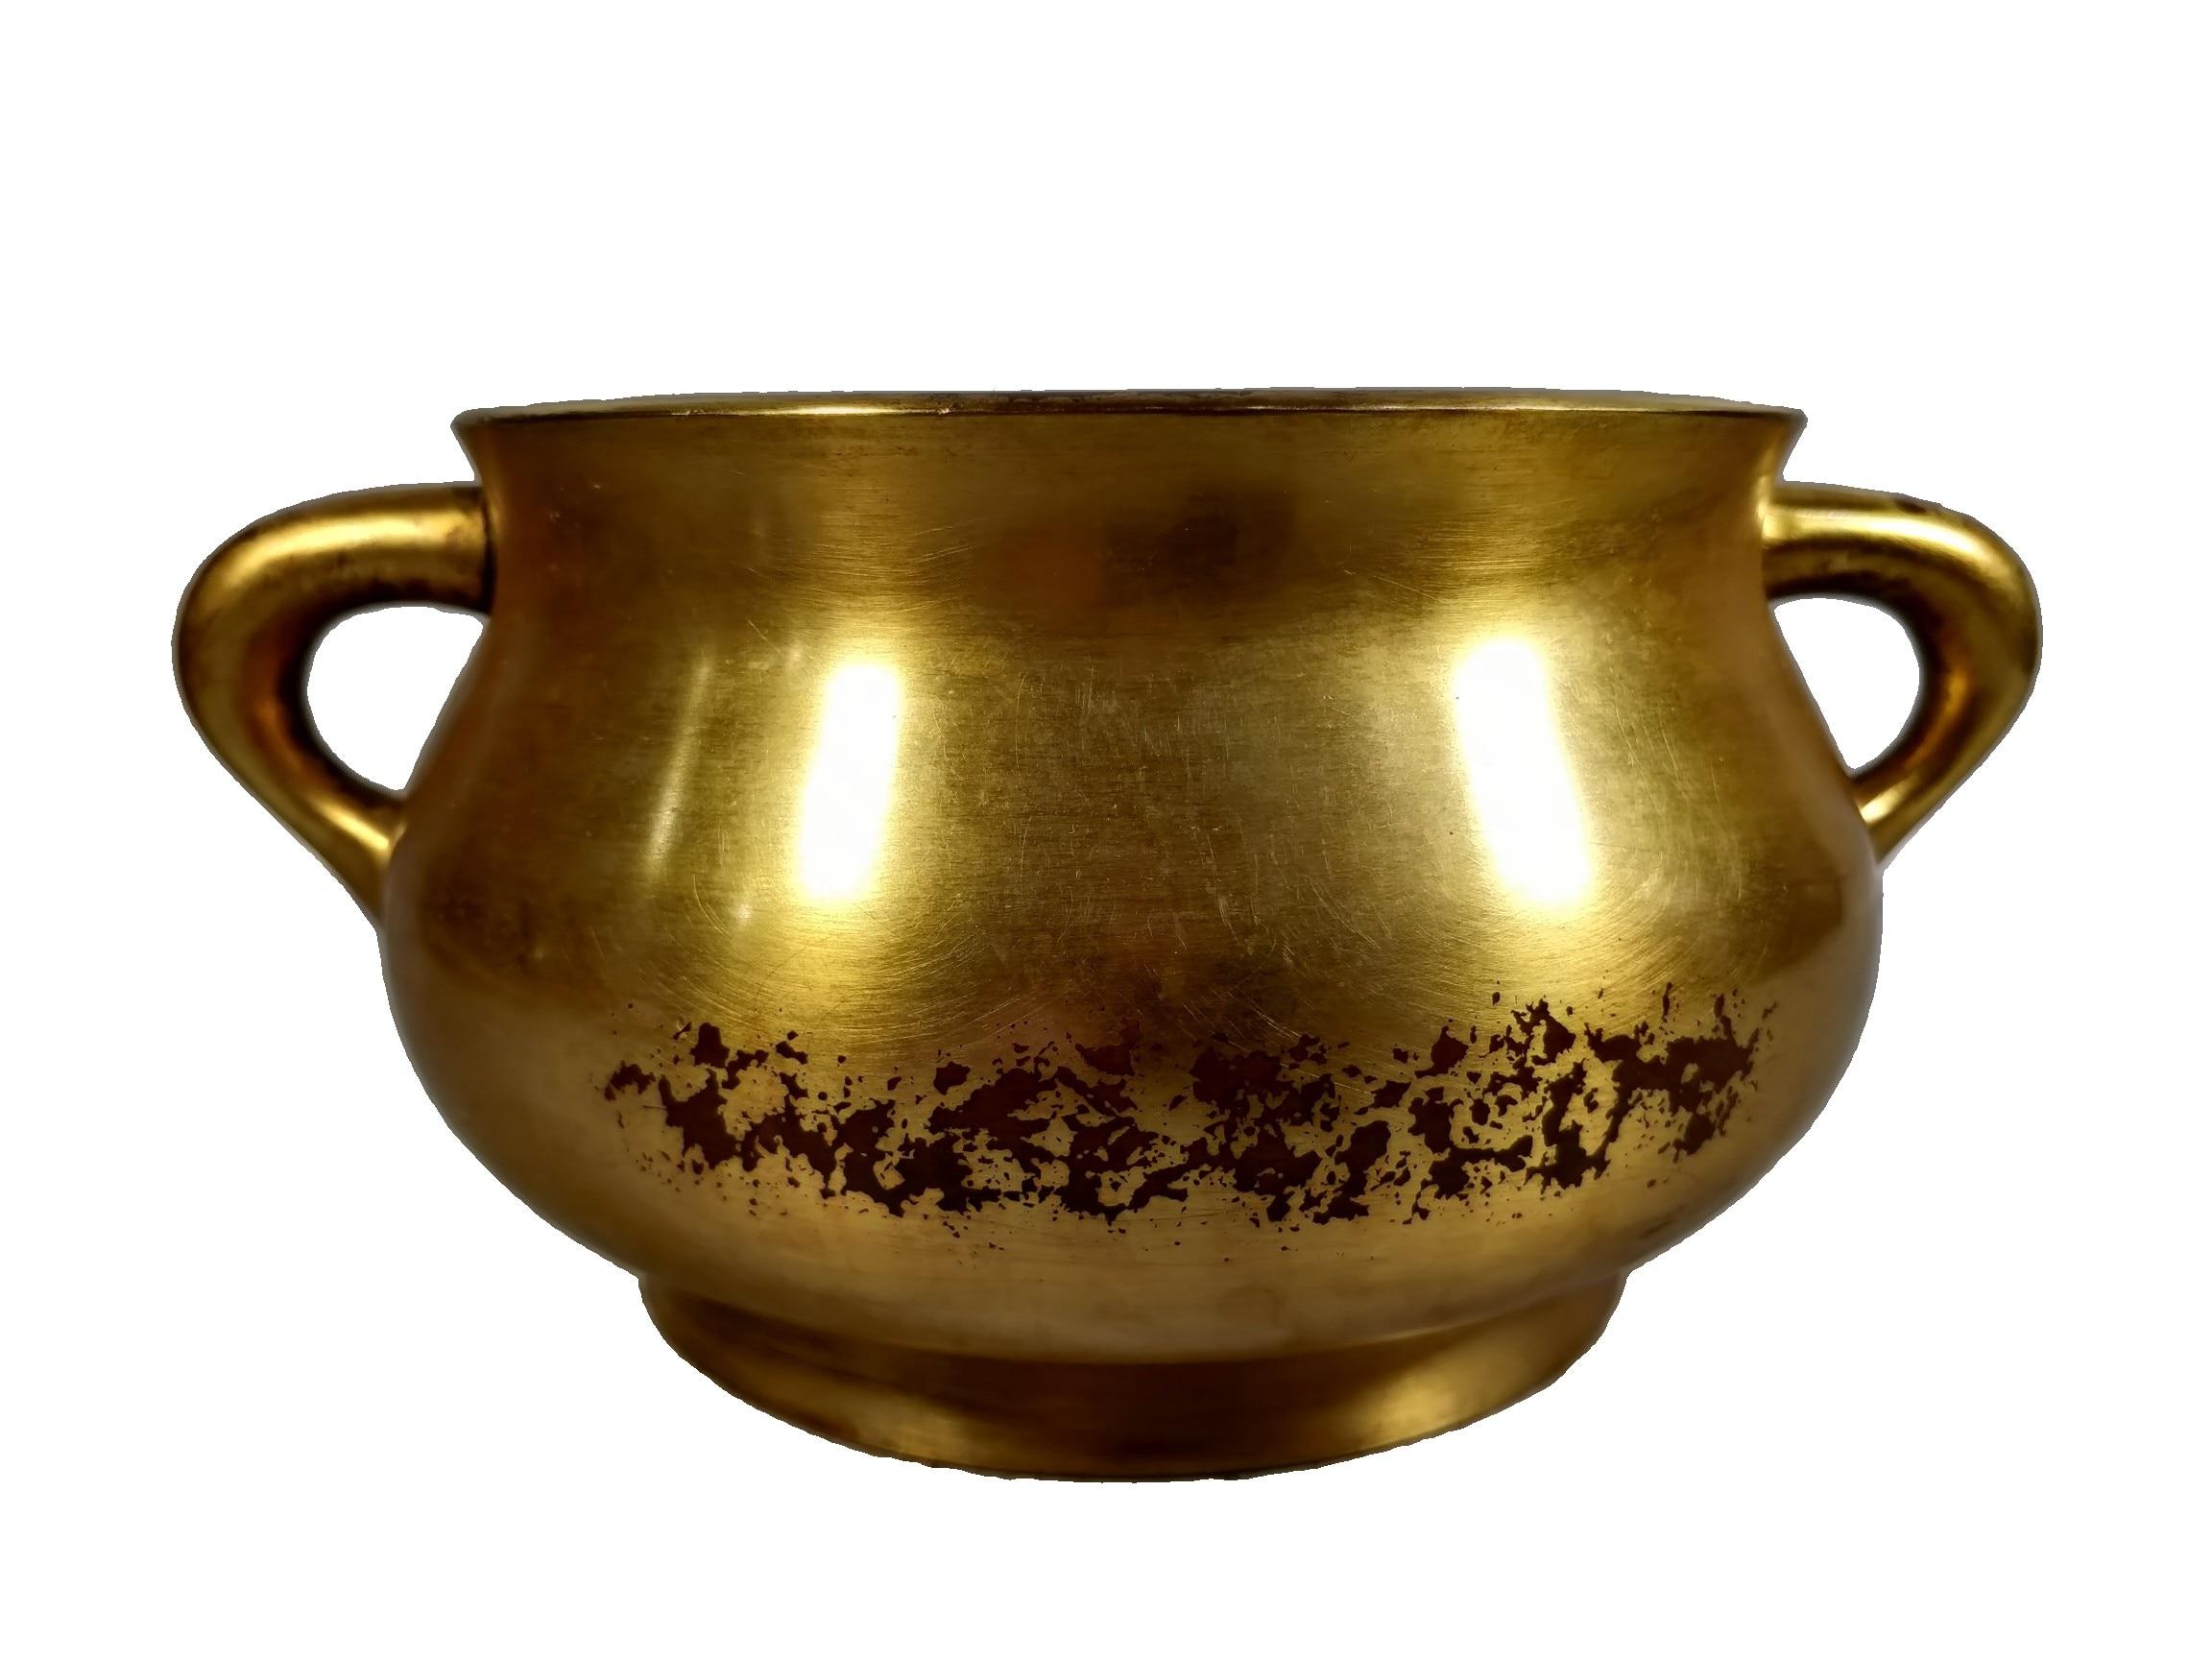 Laojunlu الأرجواني البرونزية مذهب مبخرة العتيقة برونزية تحفة مجموعة من المجوهرات الانفرادي النمط الصيني التقليدي